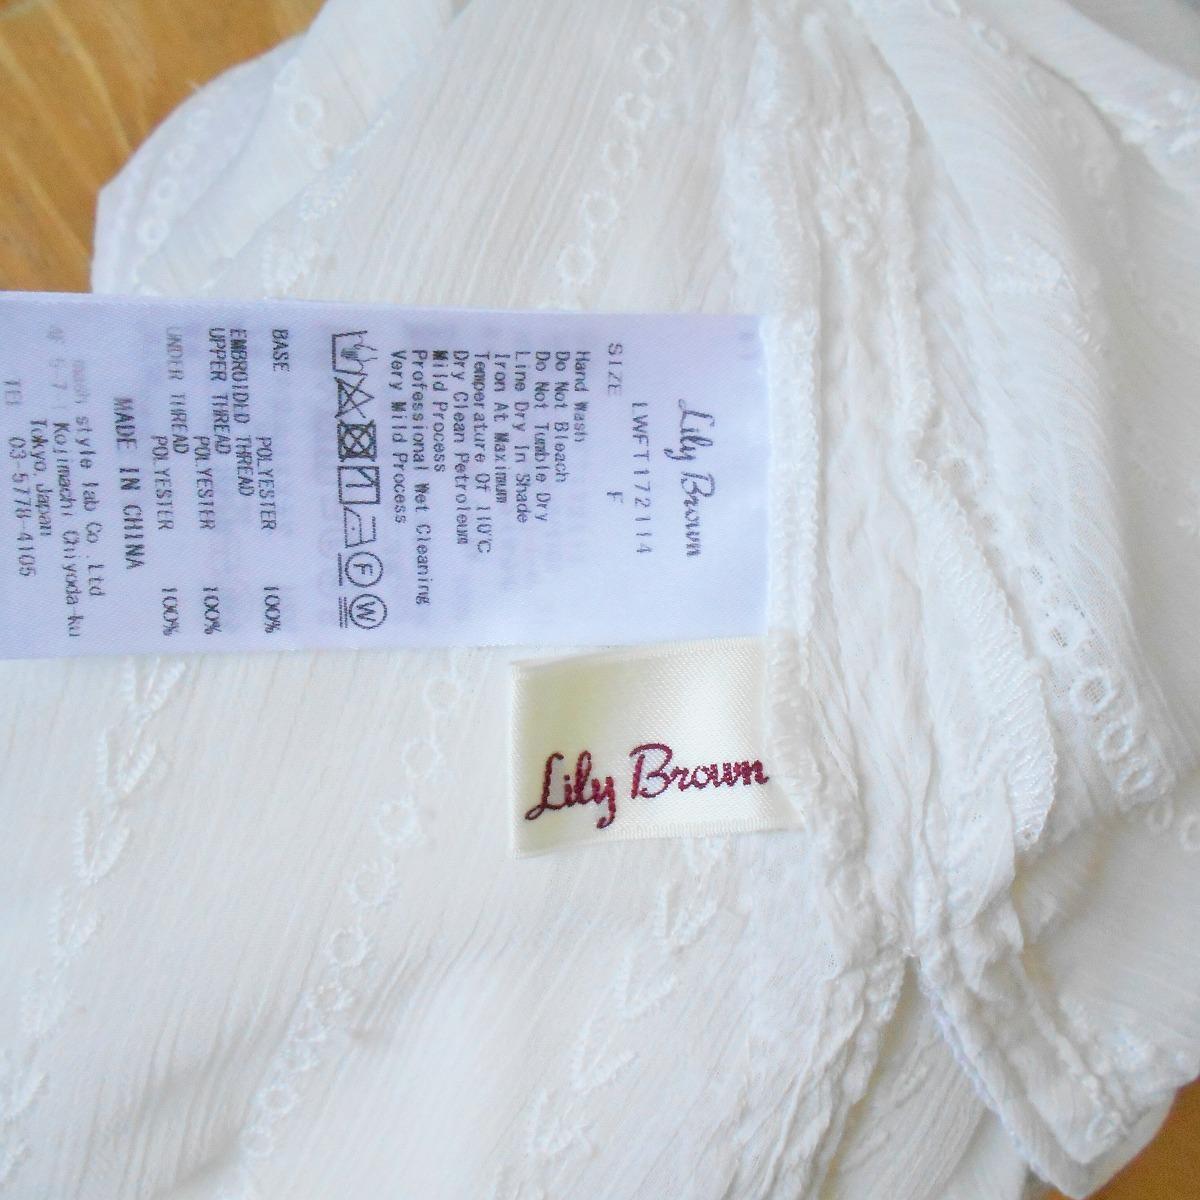 リリーブラウン Lily Brown お袖のデザインが お洒落 な シースルー チュニック ブラウス F_画像9